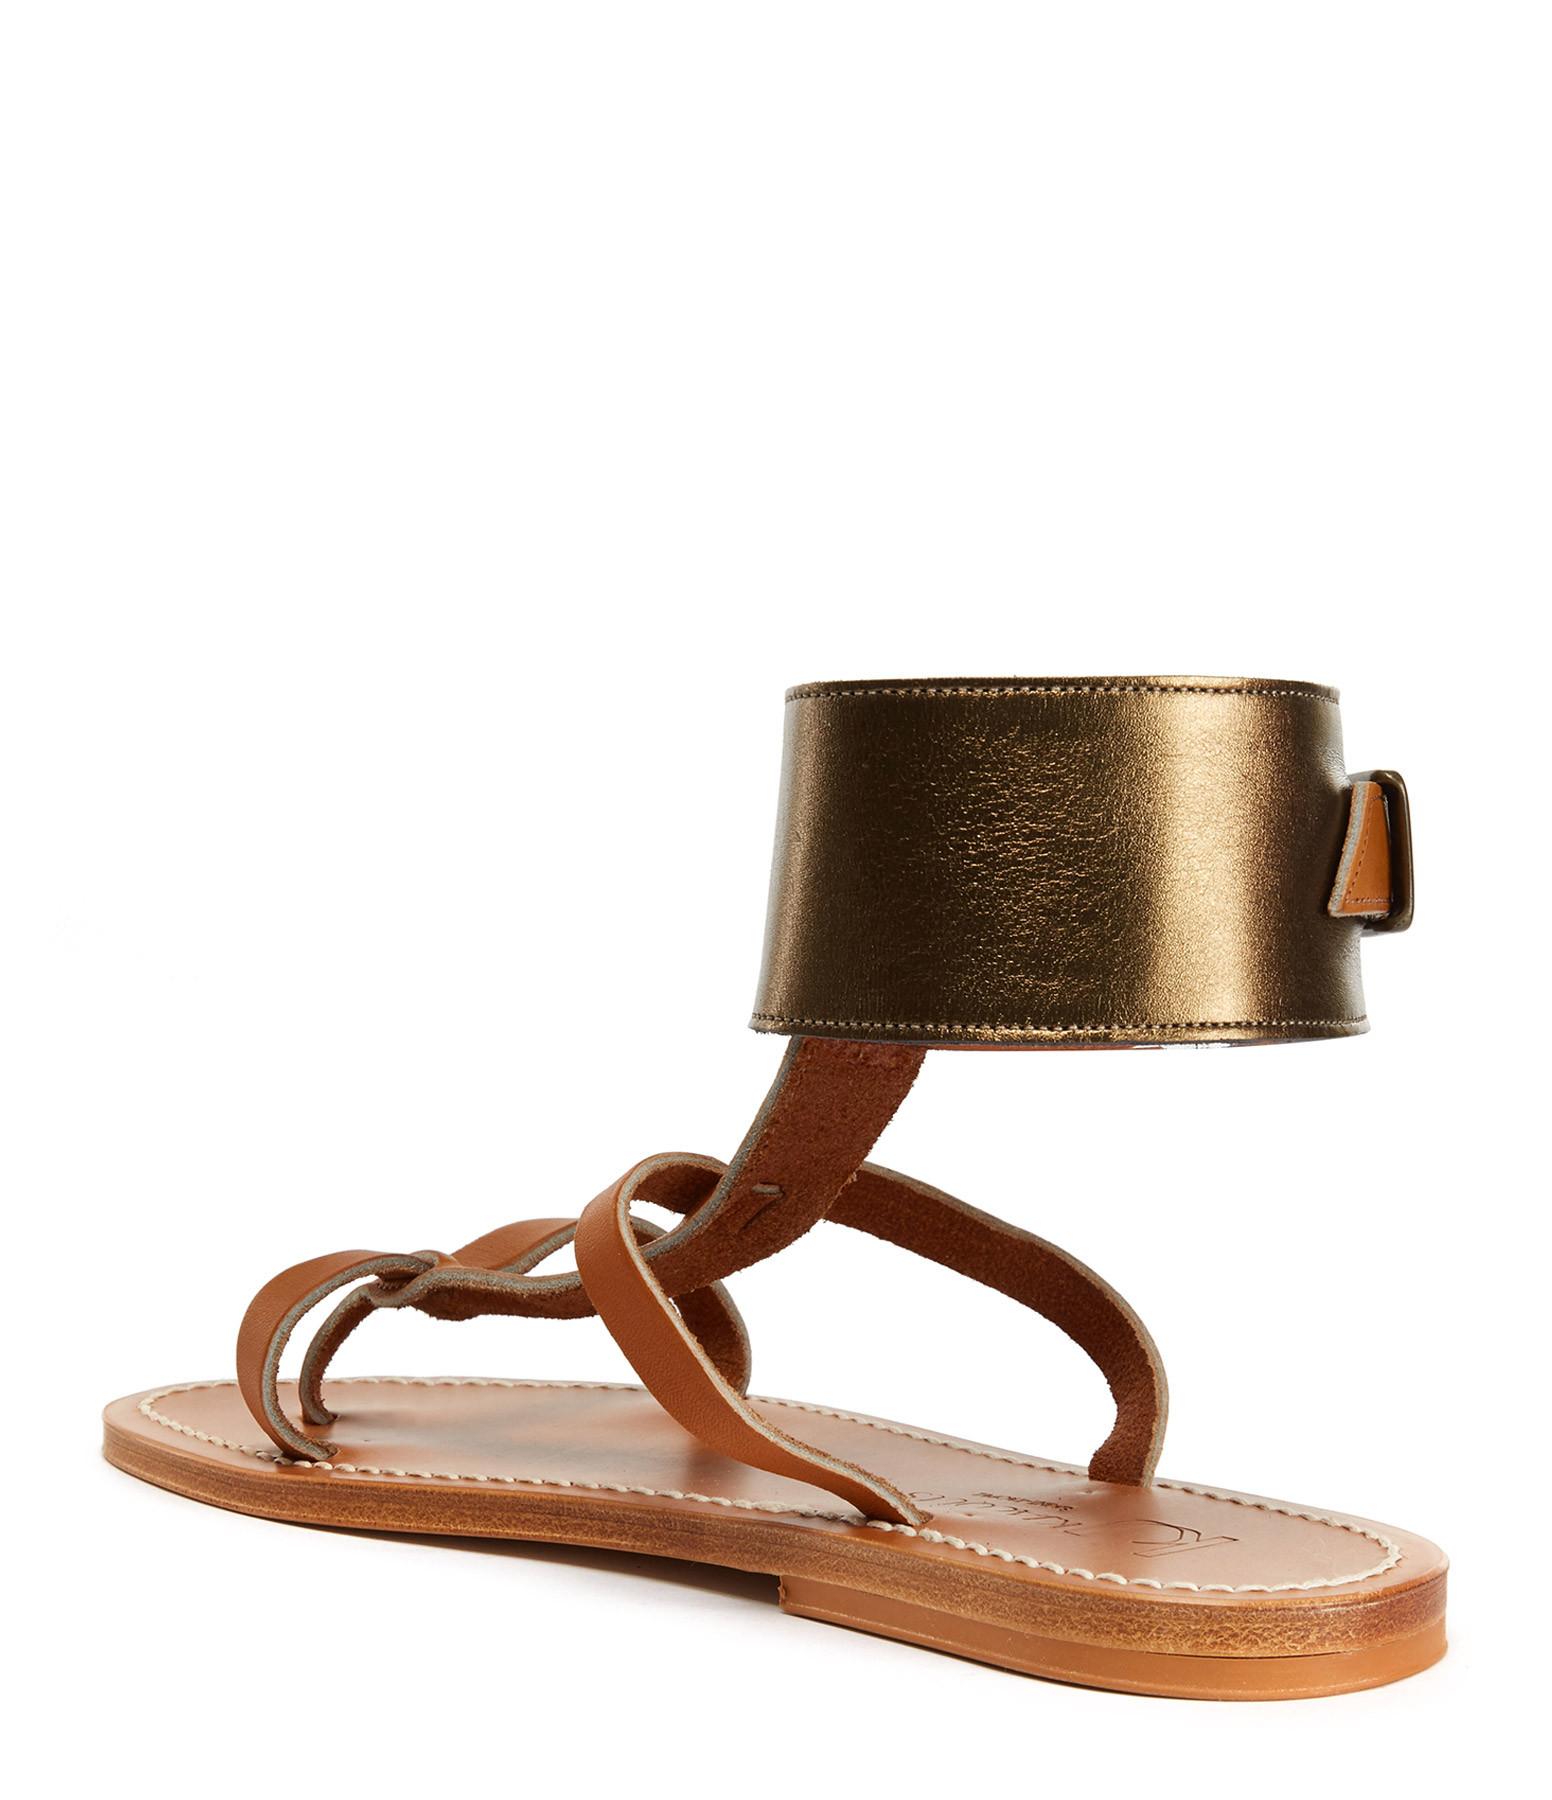 K.JACQUES - Sandales Caravelle Cuir Pul Naturel Lamé Bronze